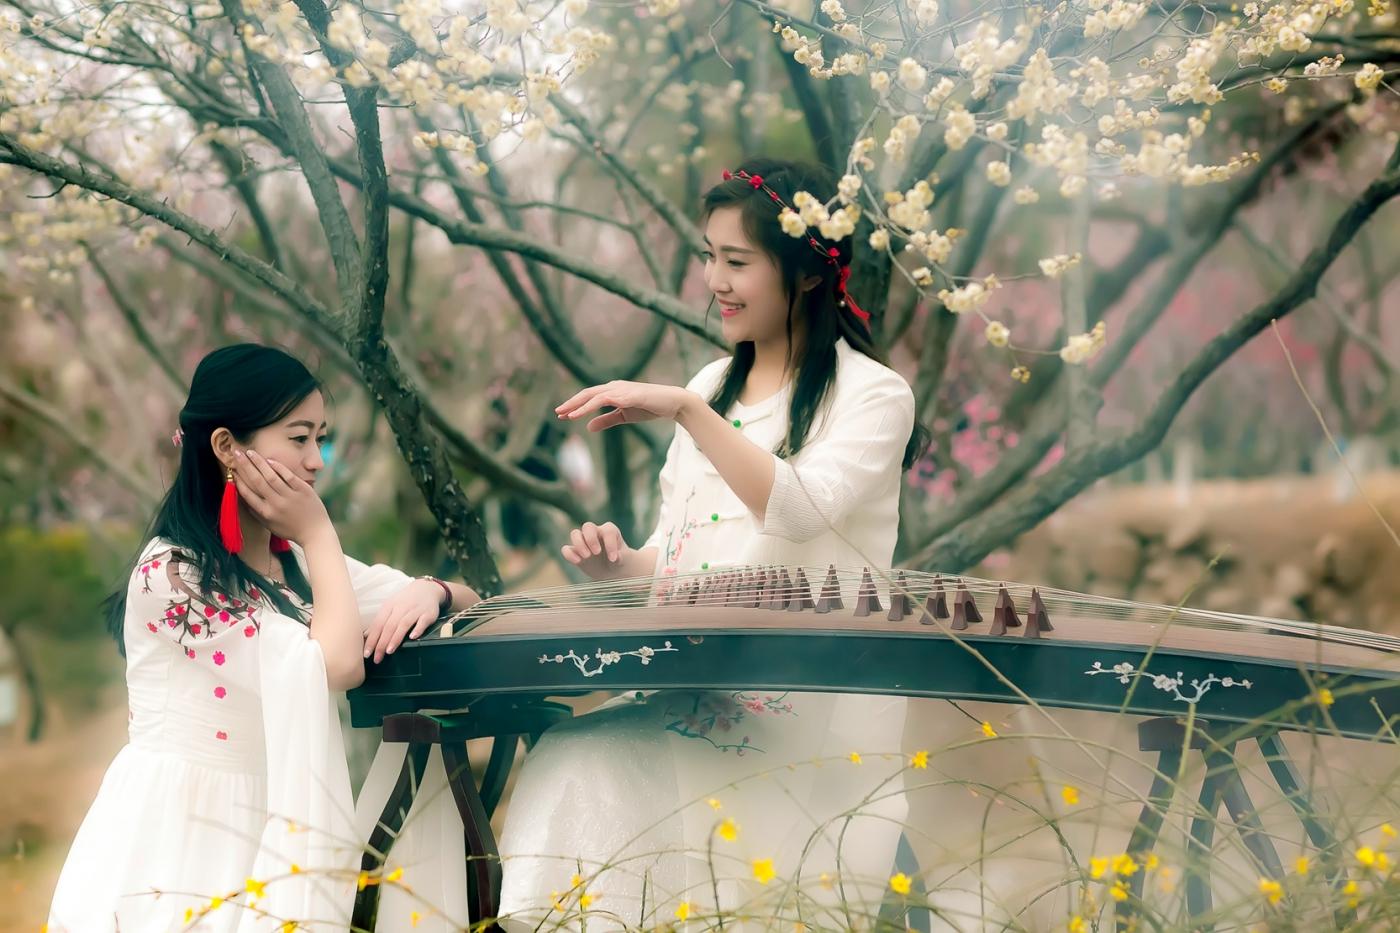 沂水雪山梅园走来一群赏梅踏春的沂蒙女孩 摄影人和女孩们成为梅园一道亮丽的风景线 ..._图1-17